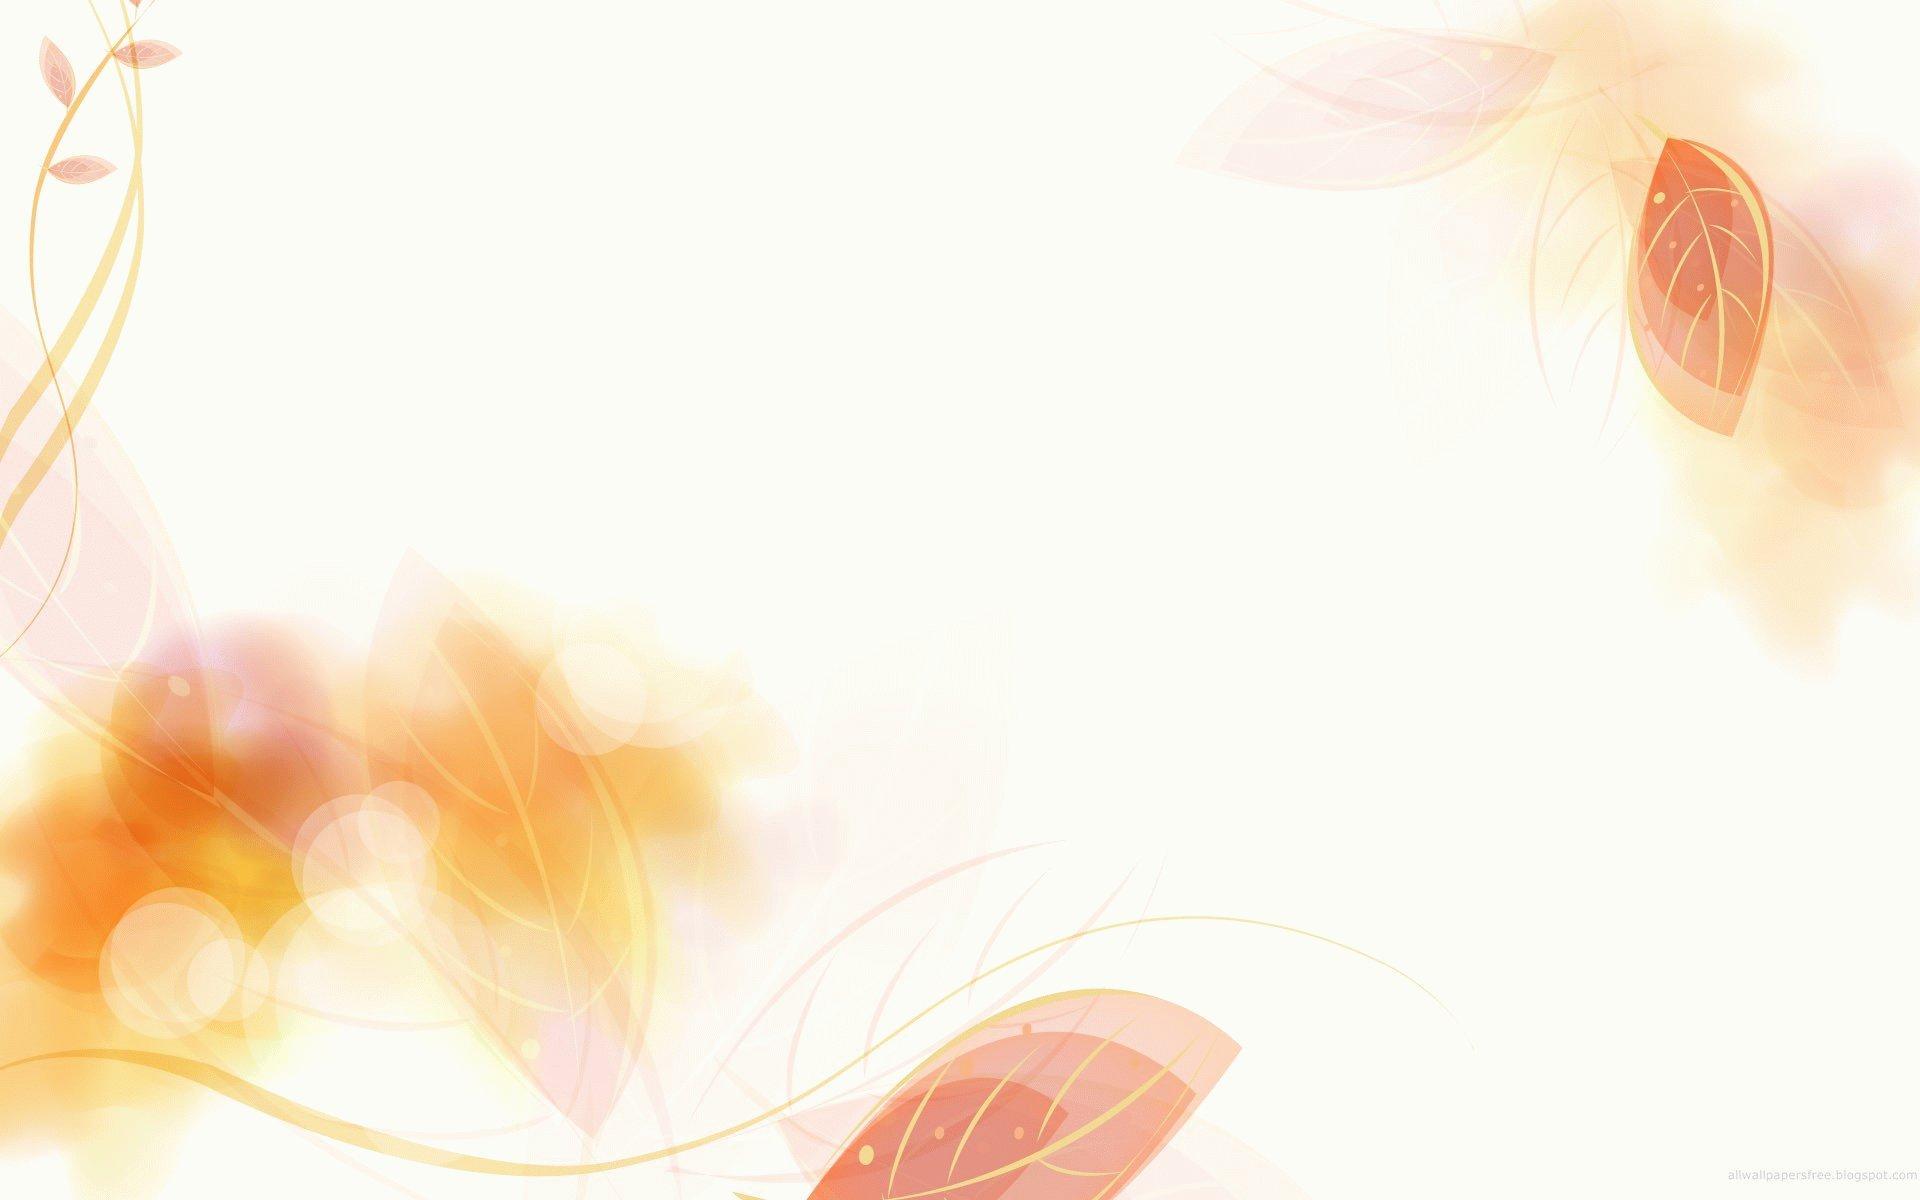 elegant border wallpaper 22056 1920x1200 px hdwallsourcecom